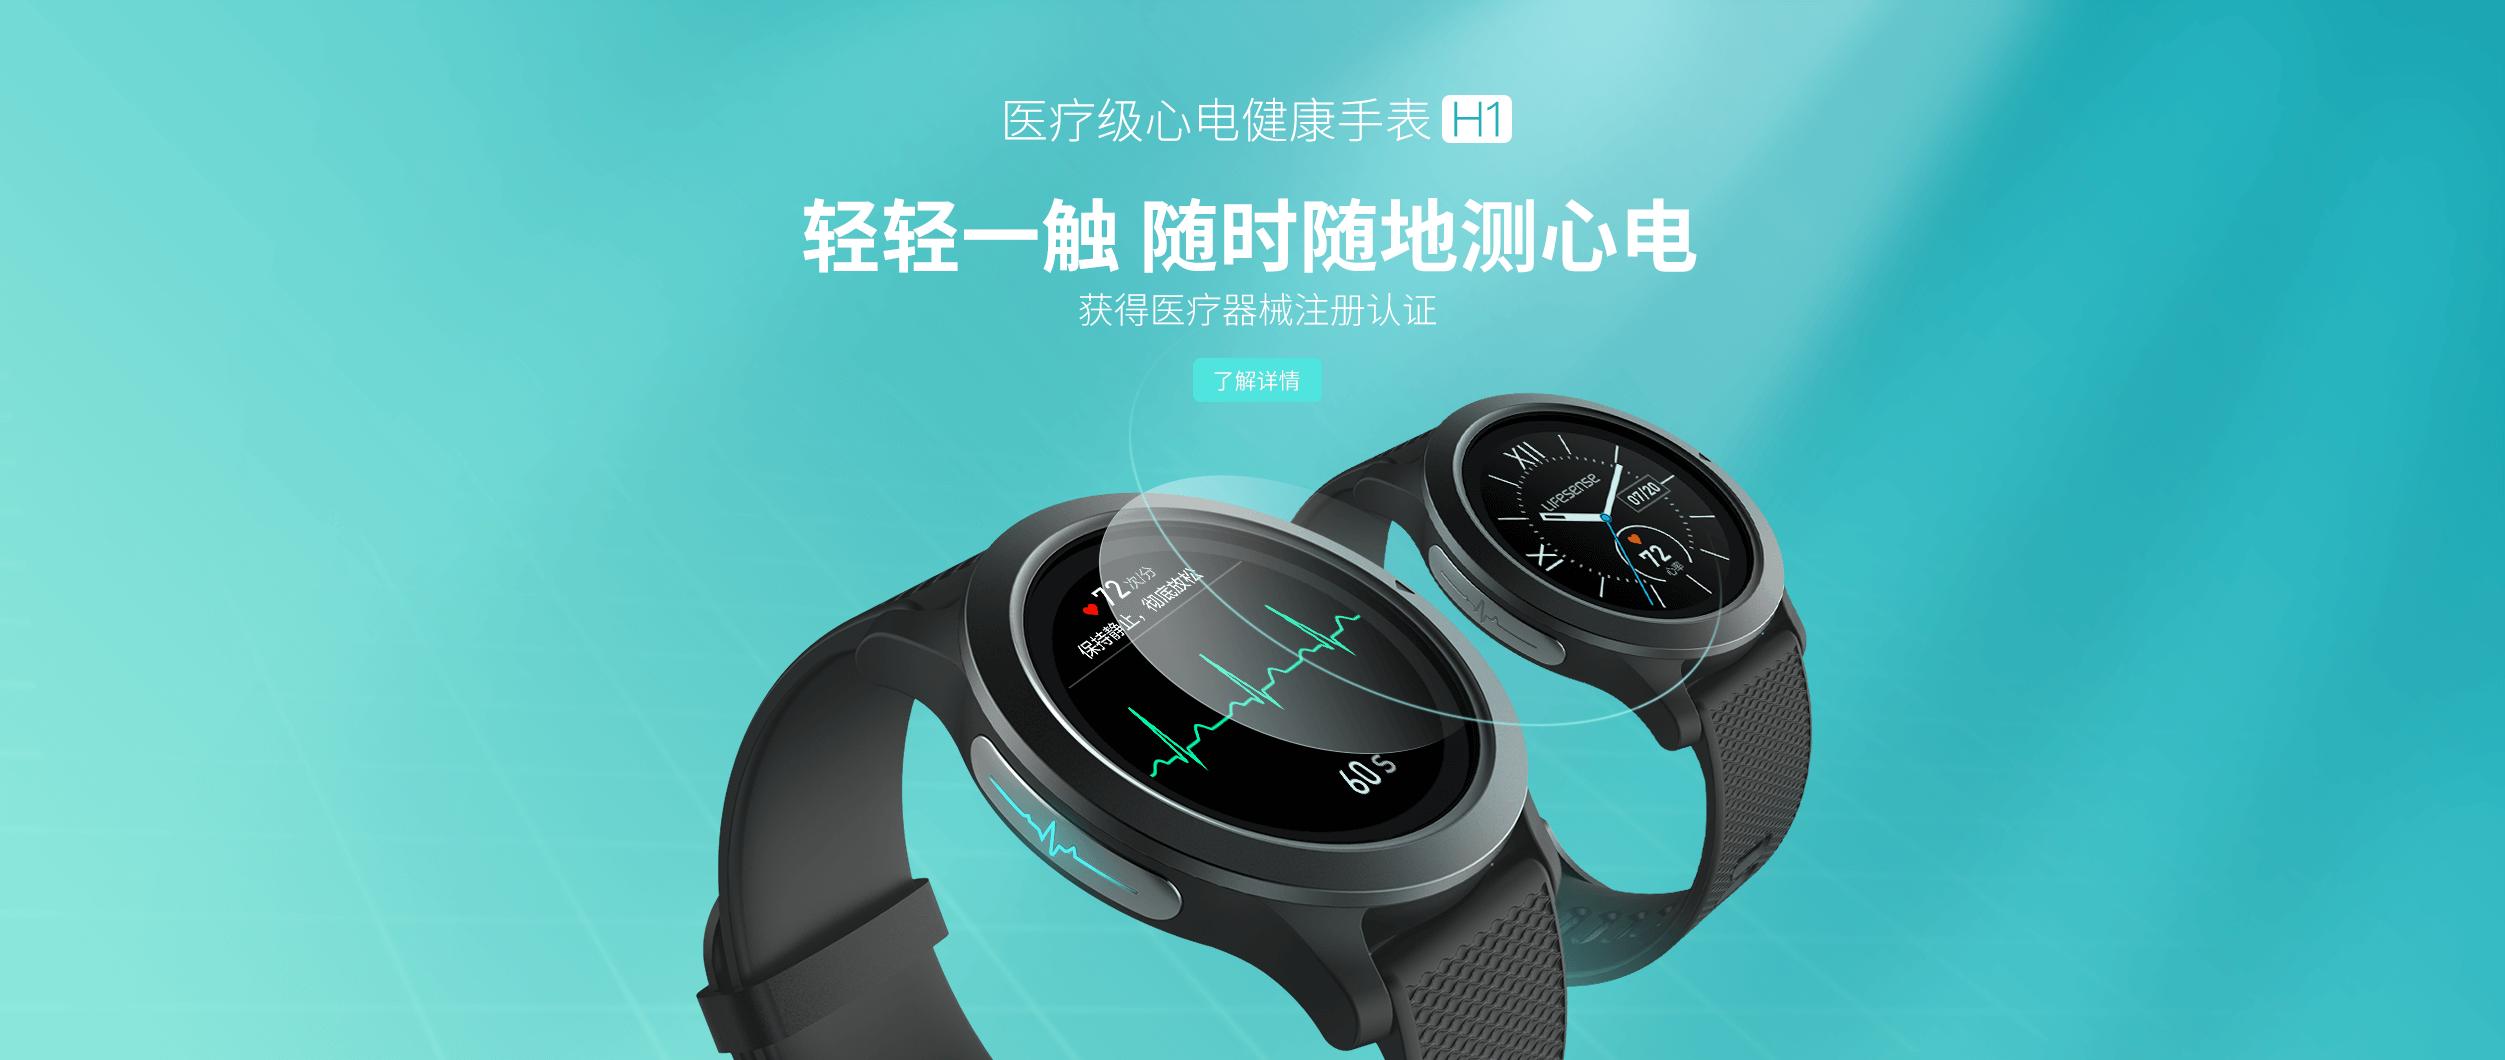 H1智能手表